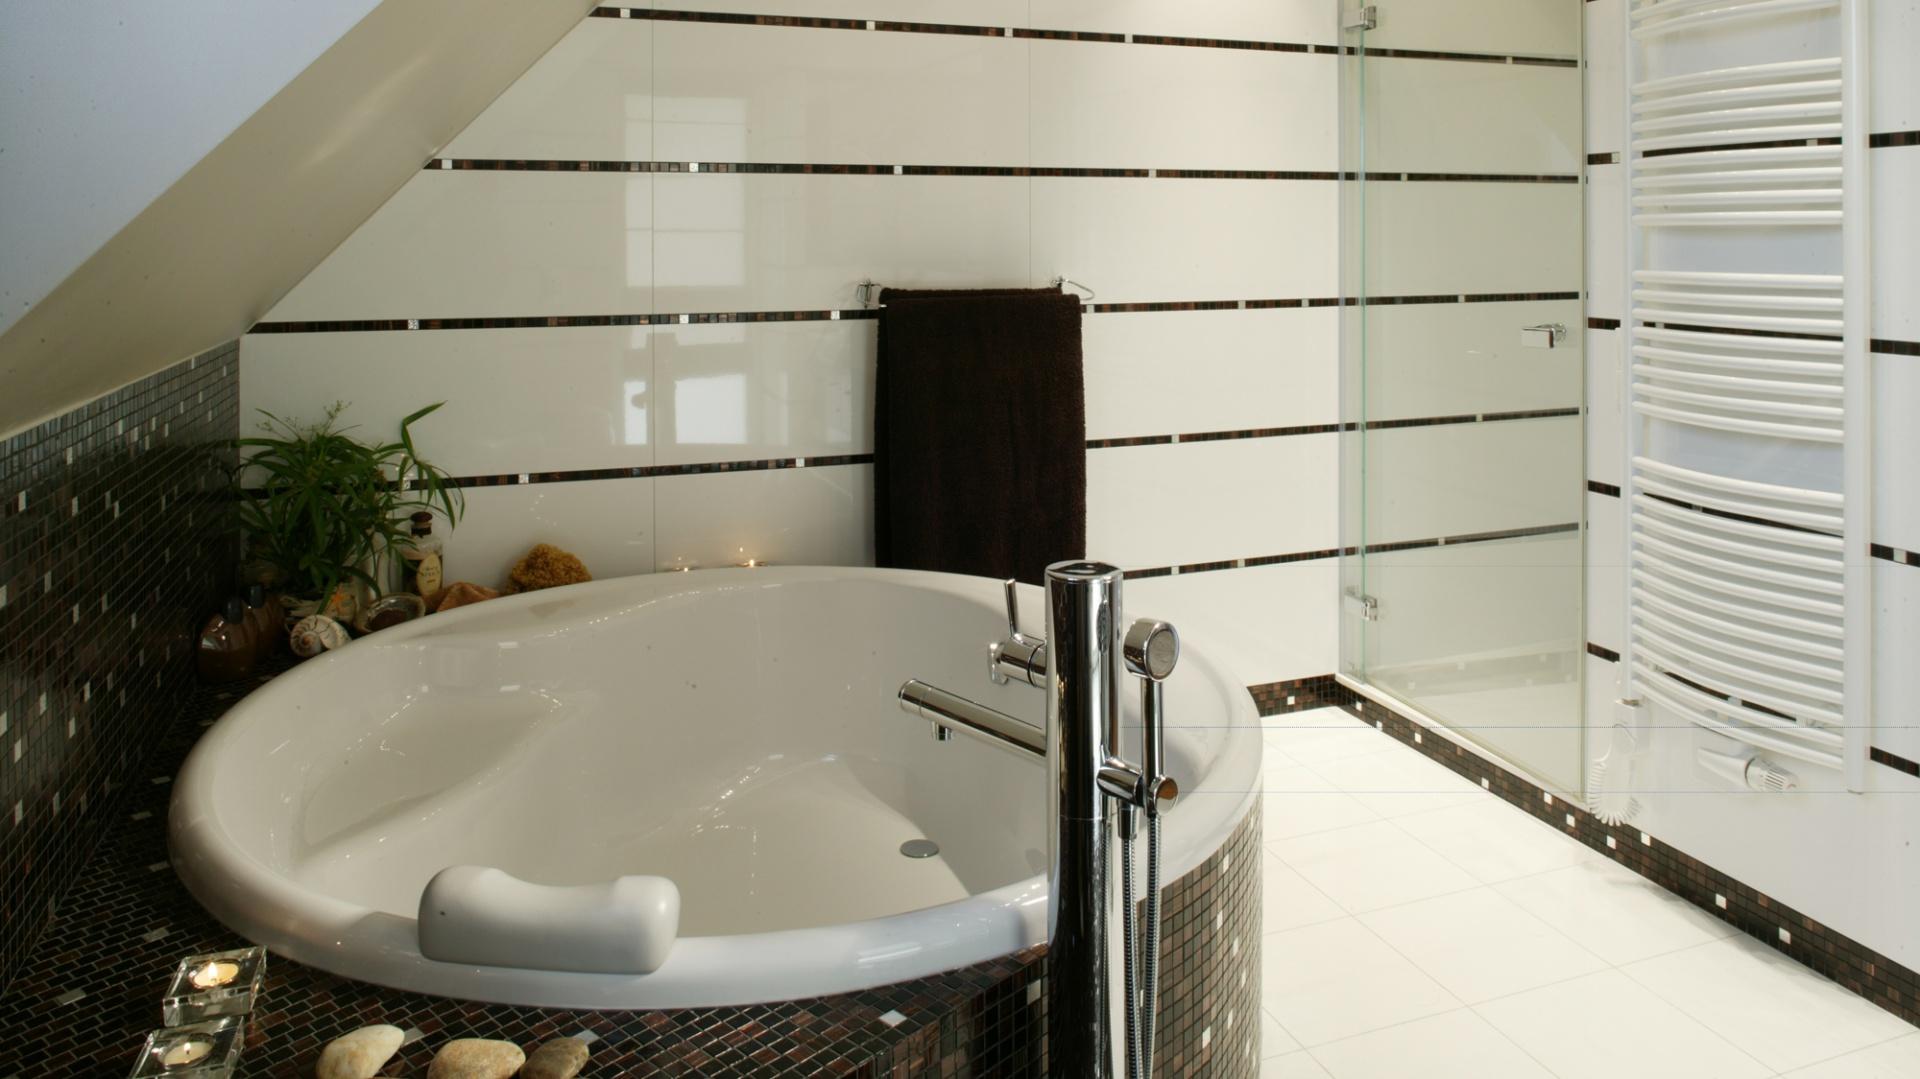 """Przestrzeń łazienki częściowo ograniczają skosy dachowe, ale ten """"kłopot"""" został rozwiązany poprzez umiejscowienie pod nimi wanny (okrągły model firmy Excellent). Fot. Monika Filipiuk."""